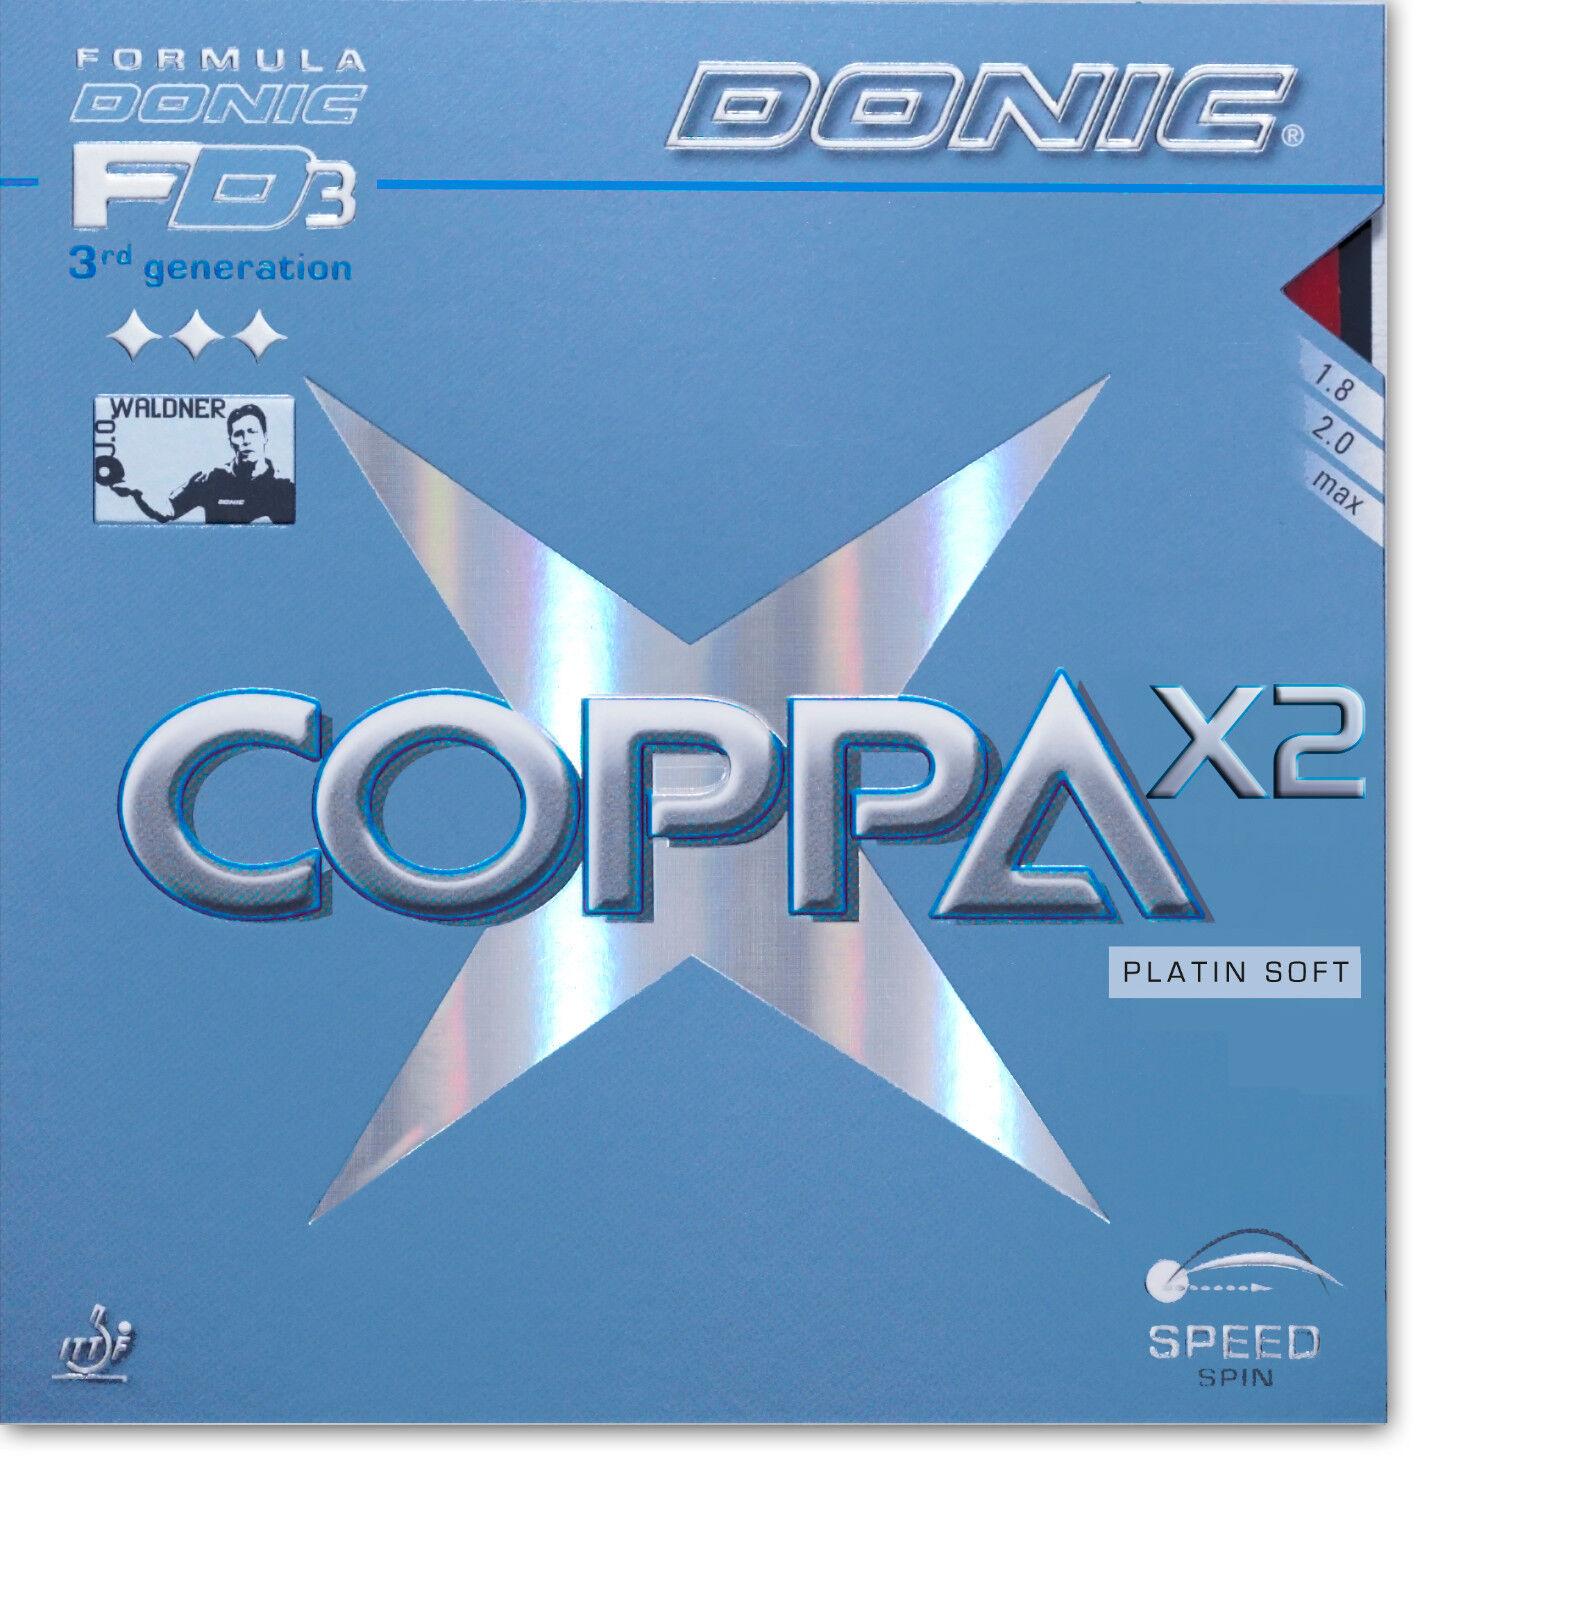 DONIC Coppa X2 Platin Soft max max max rot  NEU   OVP b96a89